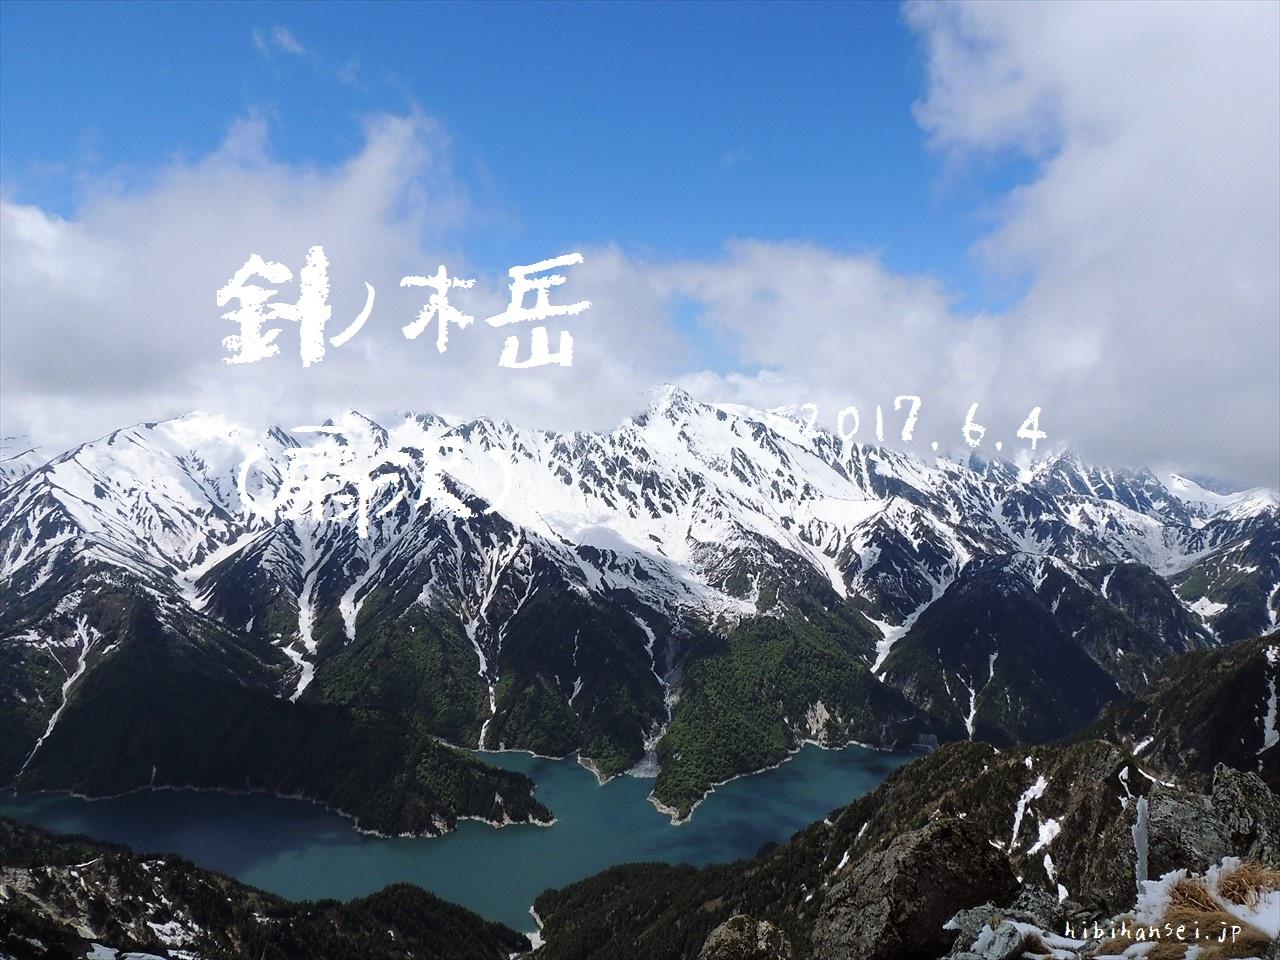 針ノ木岳(扇沢) 北アルプスのへそと慎太郎祭 日帰り登山(2017.6.4)